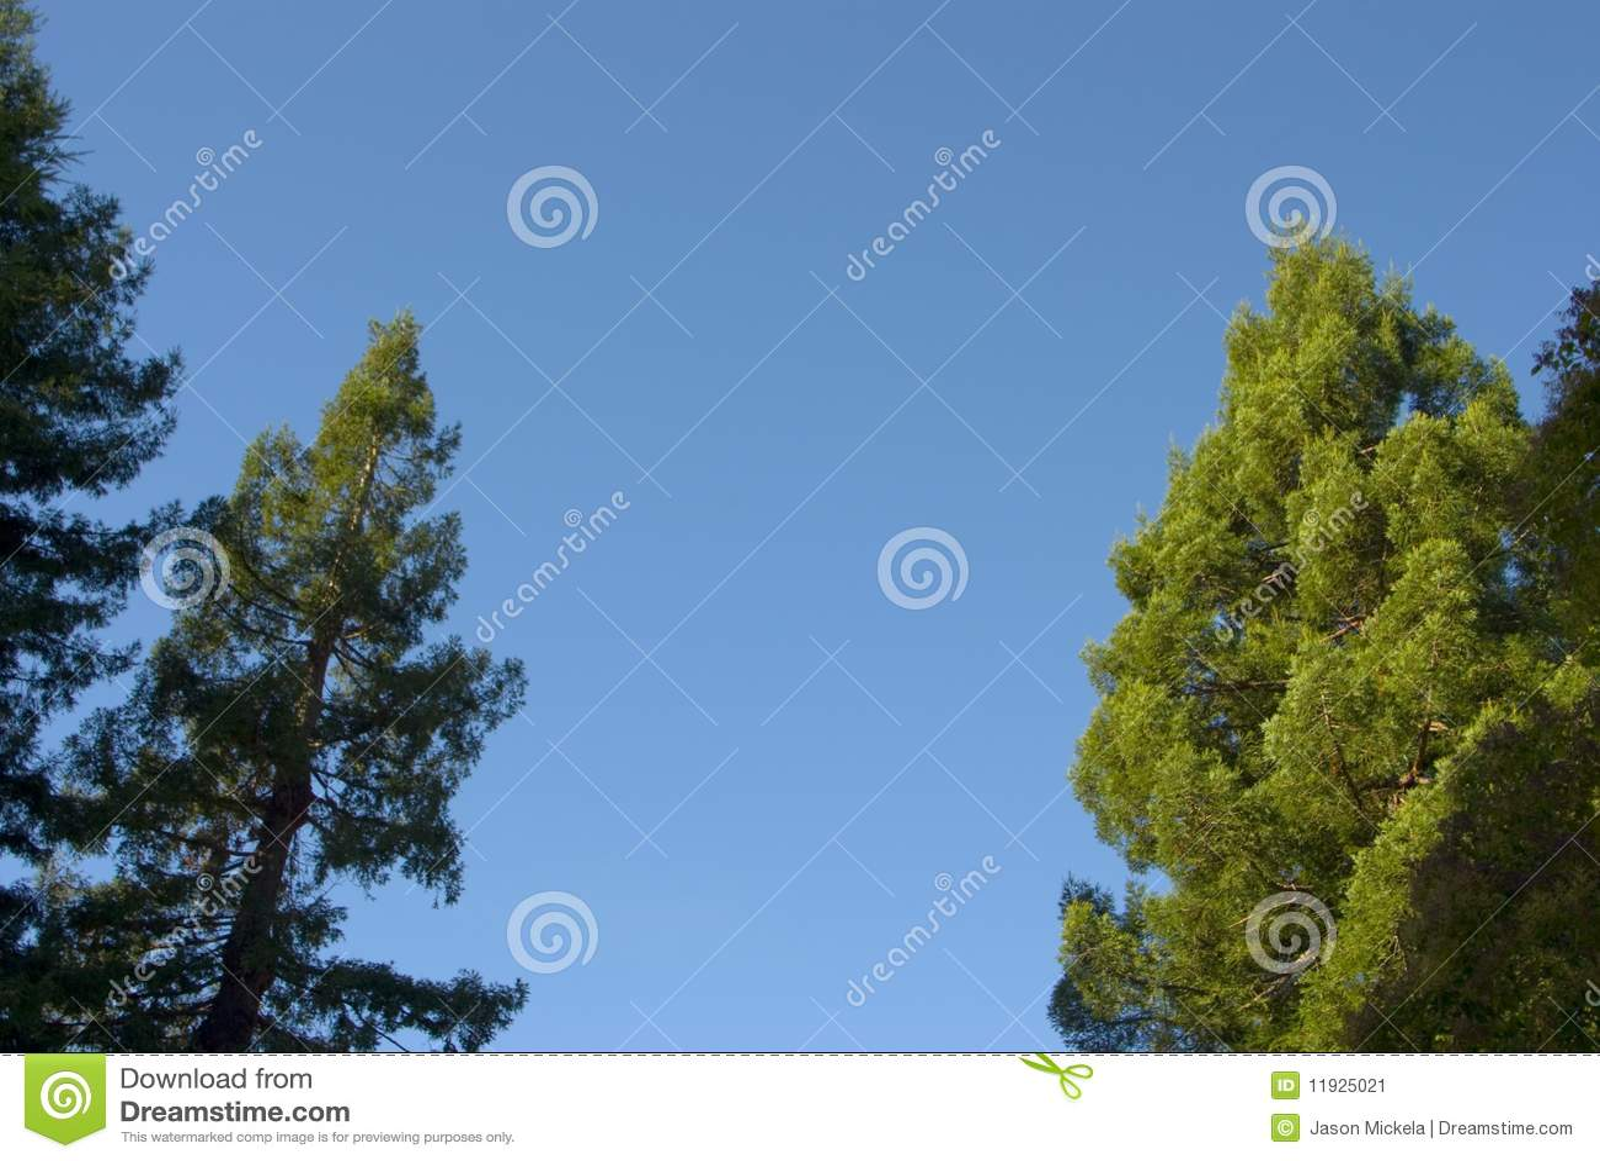 Árboles, cielo que enmarca